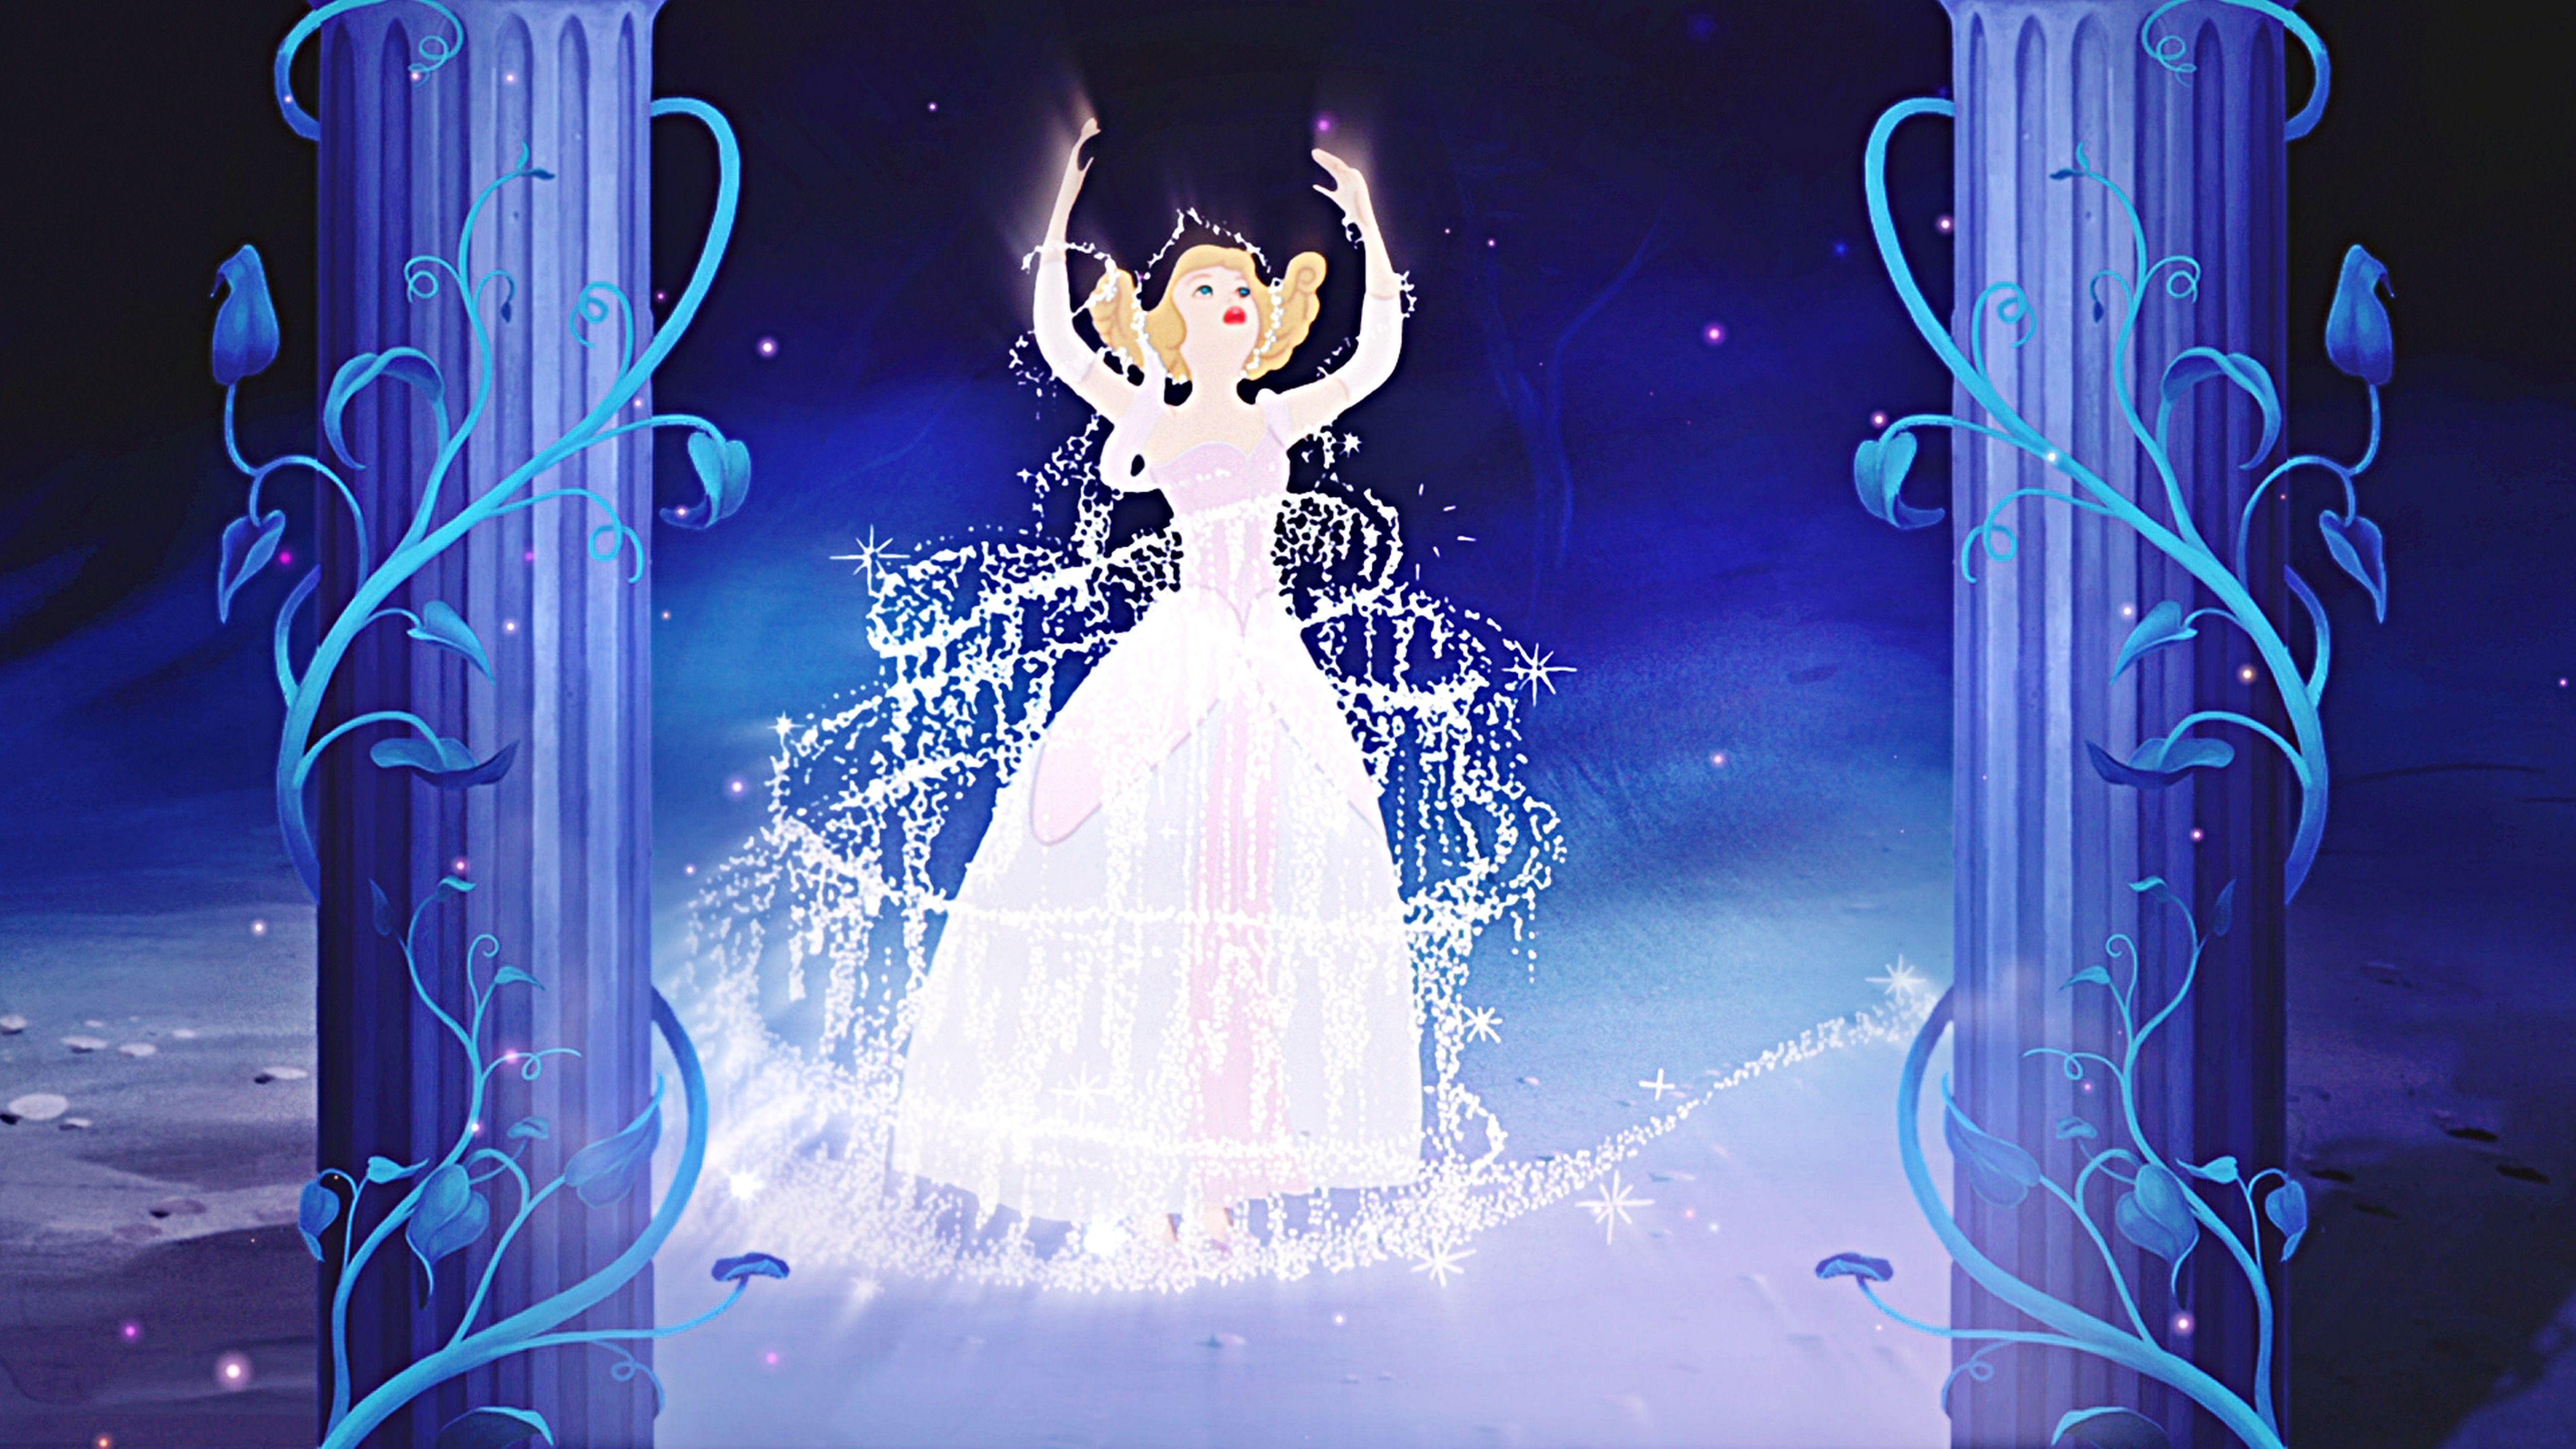 Disney Princess Wallpapers Princess Cinderella Princess